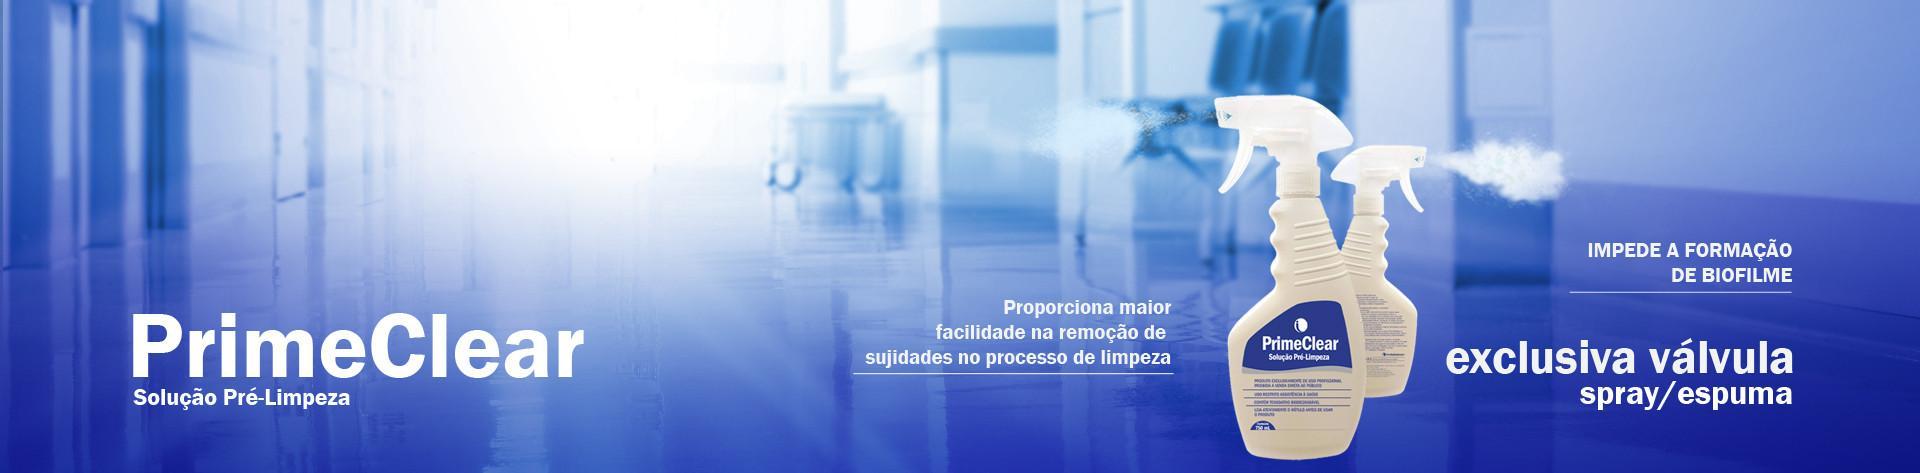 PrimeClear